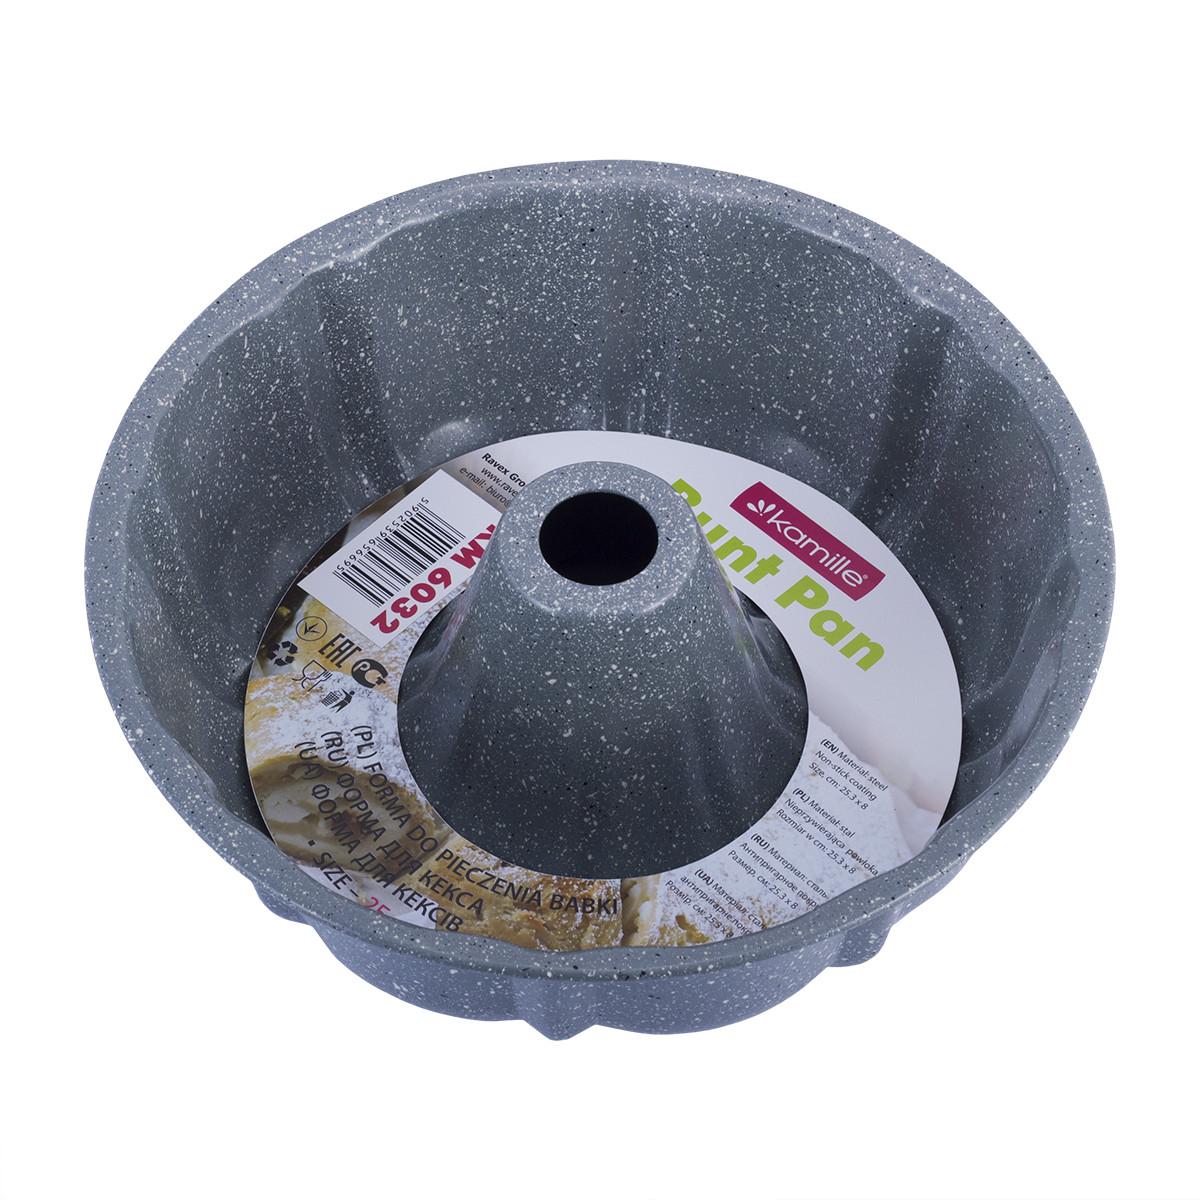 Форма для выпечки Kamille Голубой 25см с антипригарным покрытием мрамор из углеродистой стали KM-6032